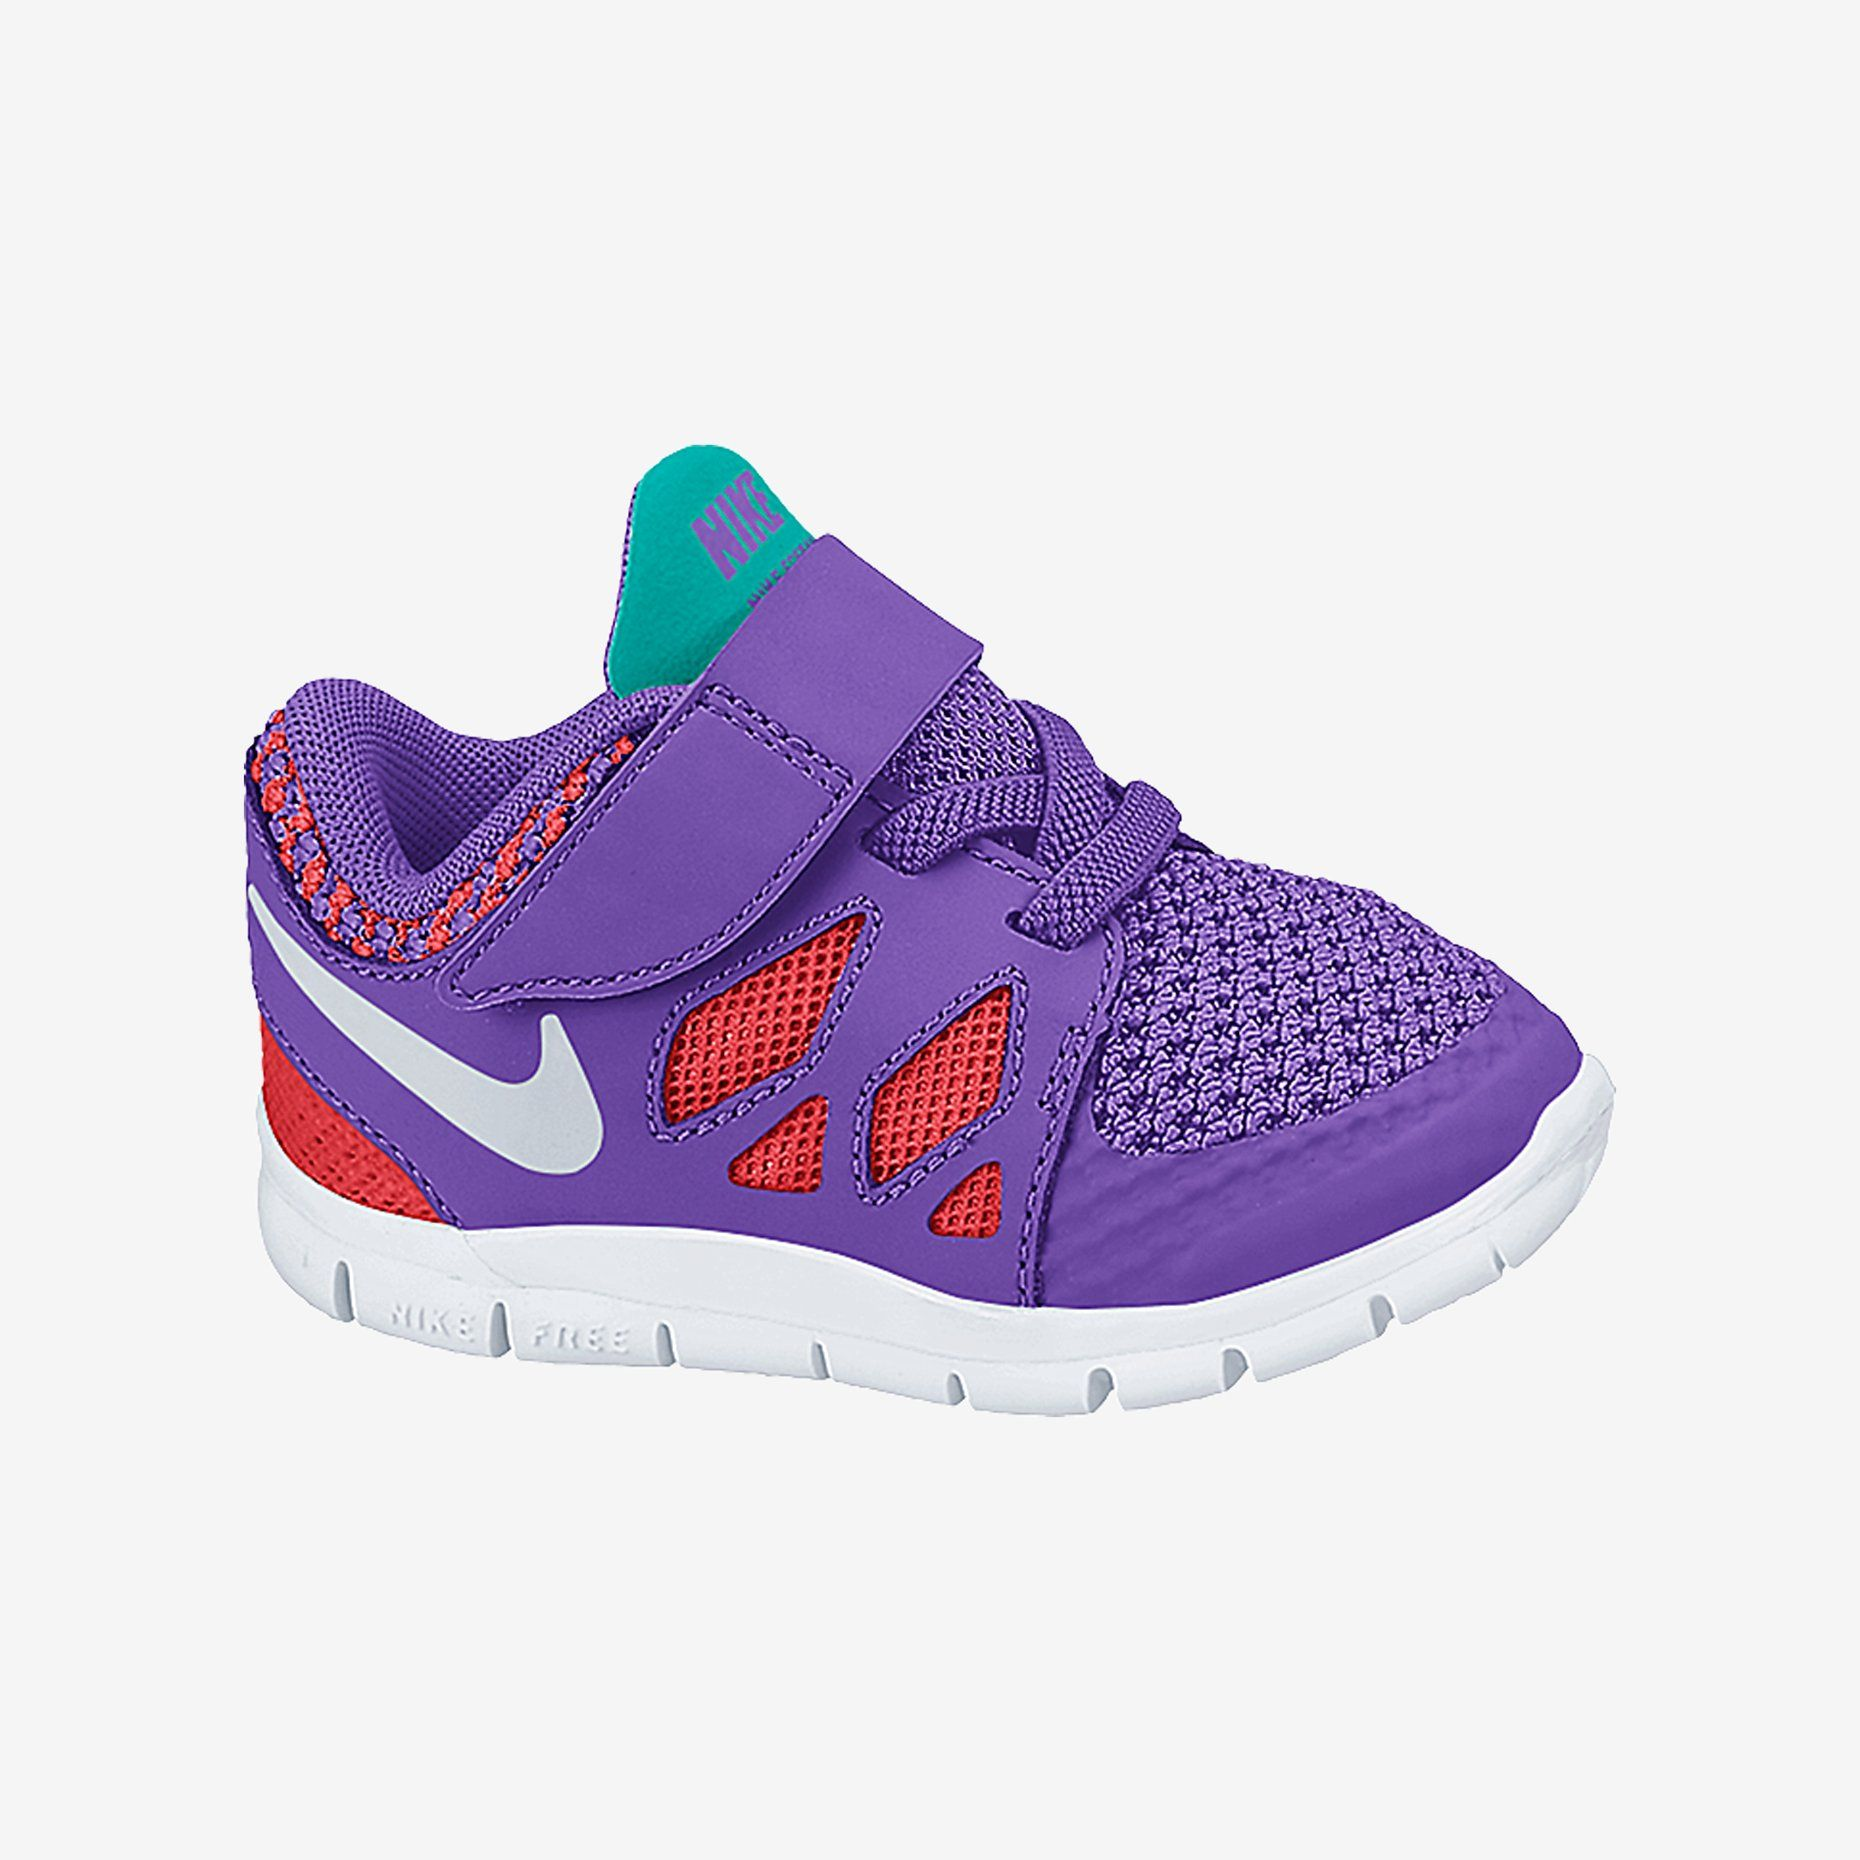 Nike Free 5.0 (2c 10c) Toddler Girls' Shoe. Nike Store | Kid